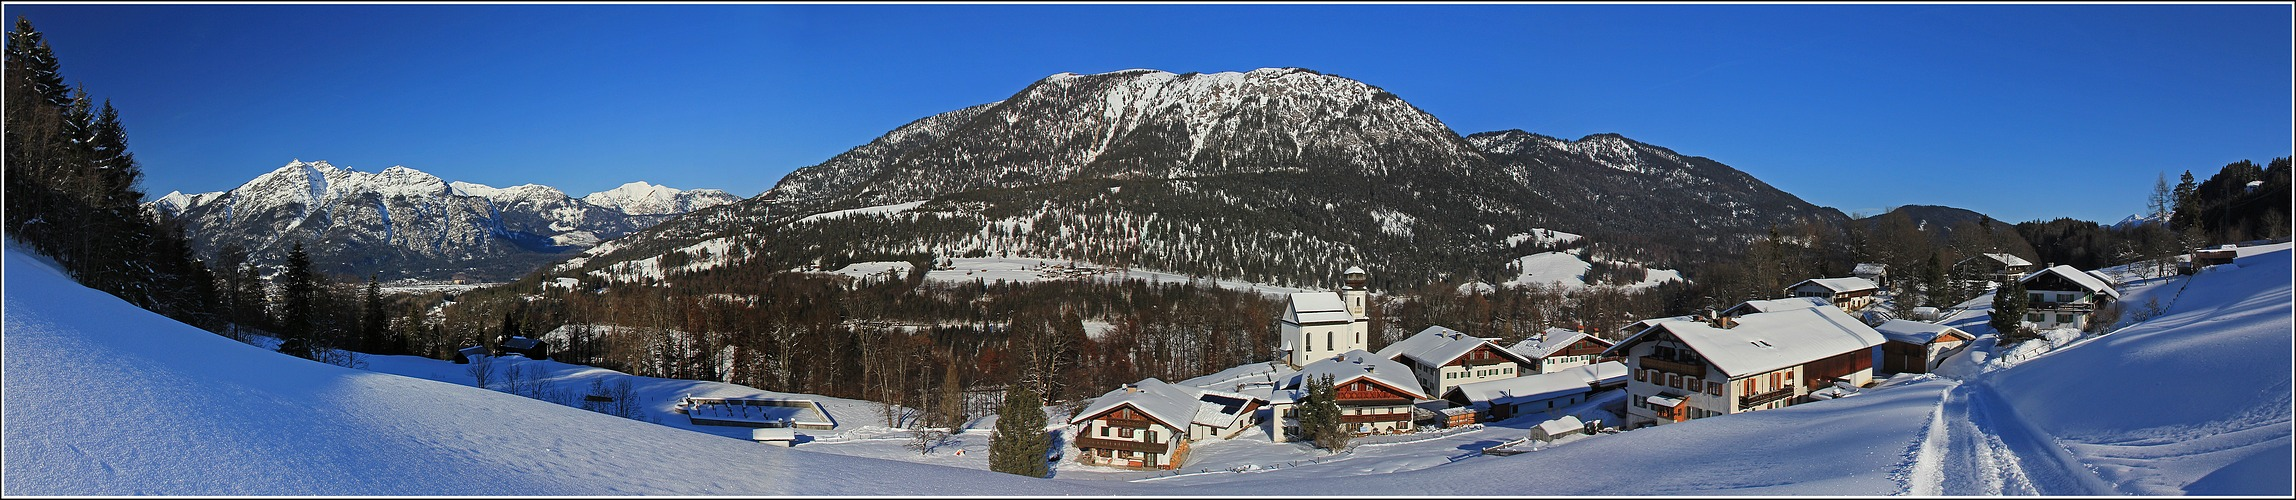 Winterfreuden über Garmisch Partenkirchen